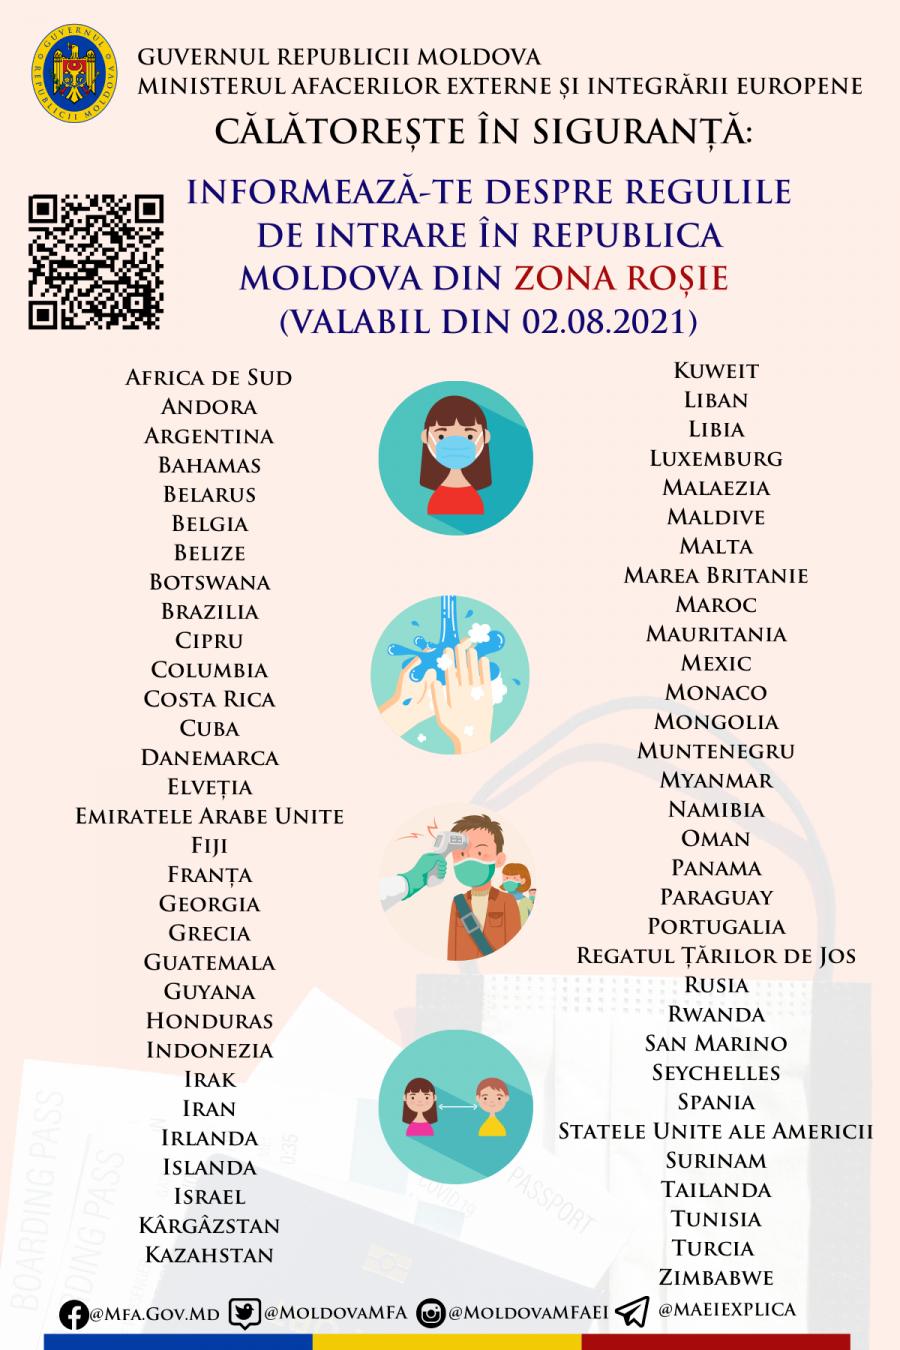 Минздрав обновил список стран, после приезда из которых необходимо соблюдать карантин (DOC)